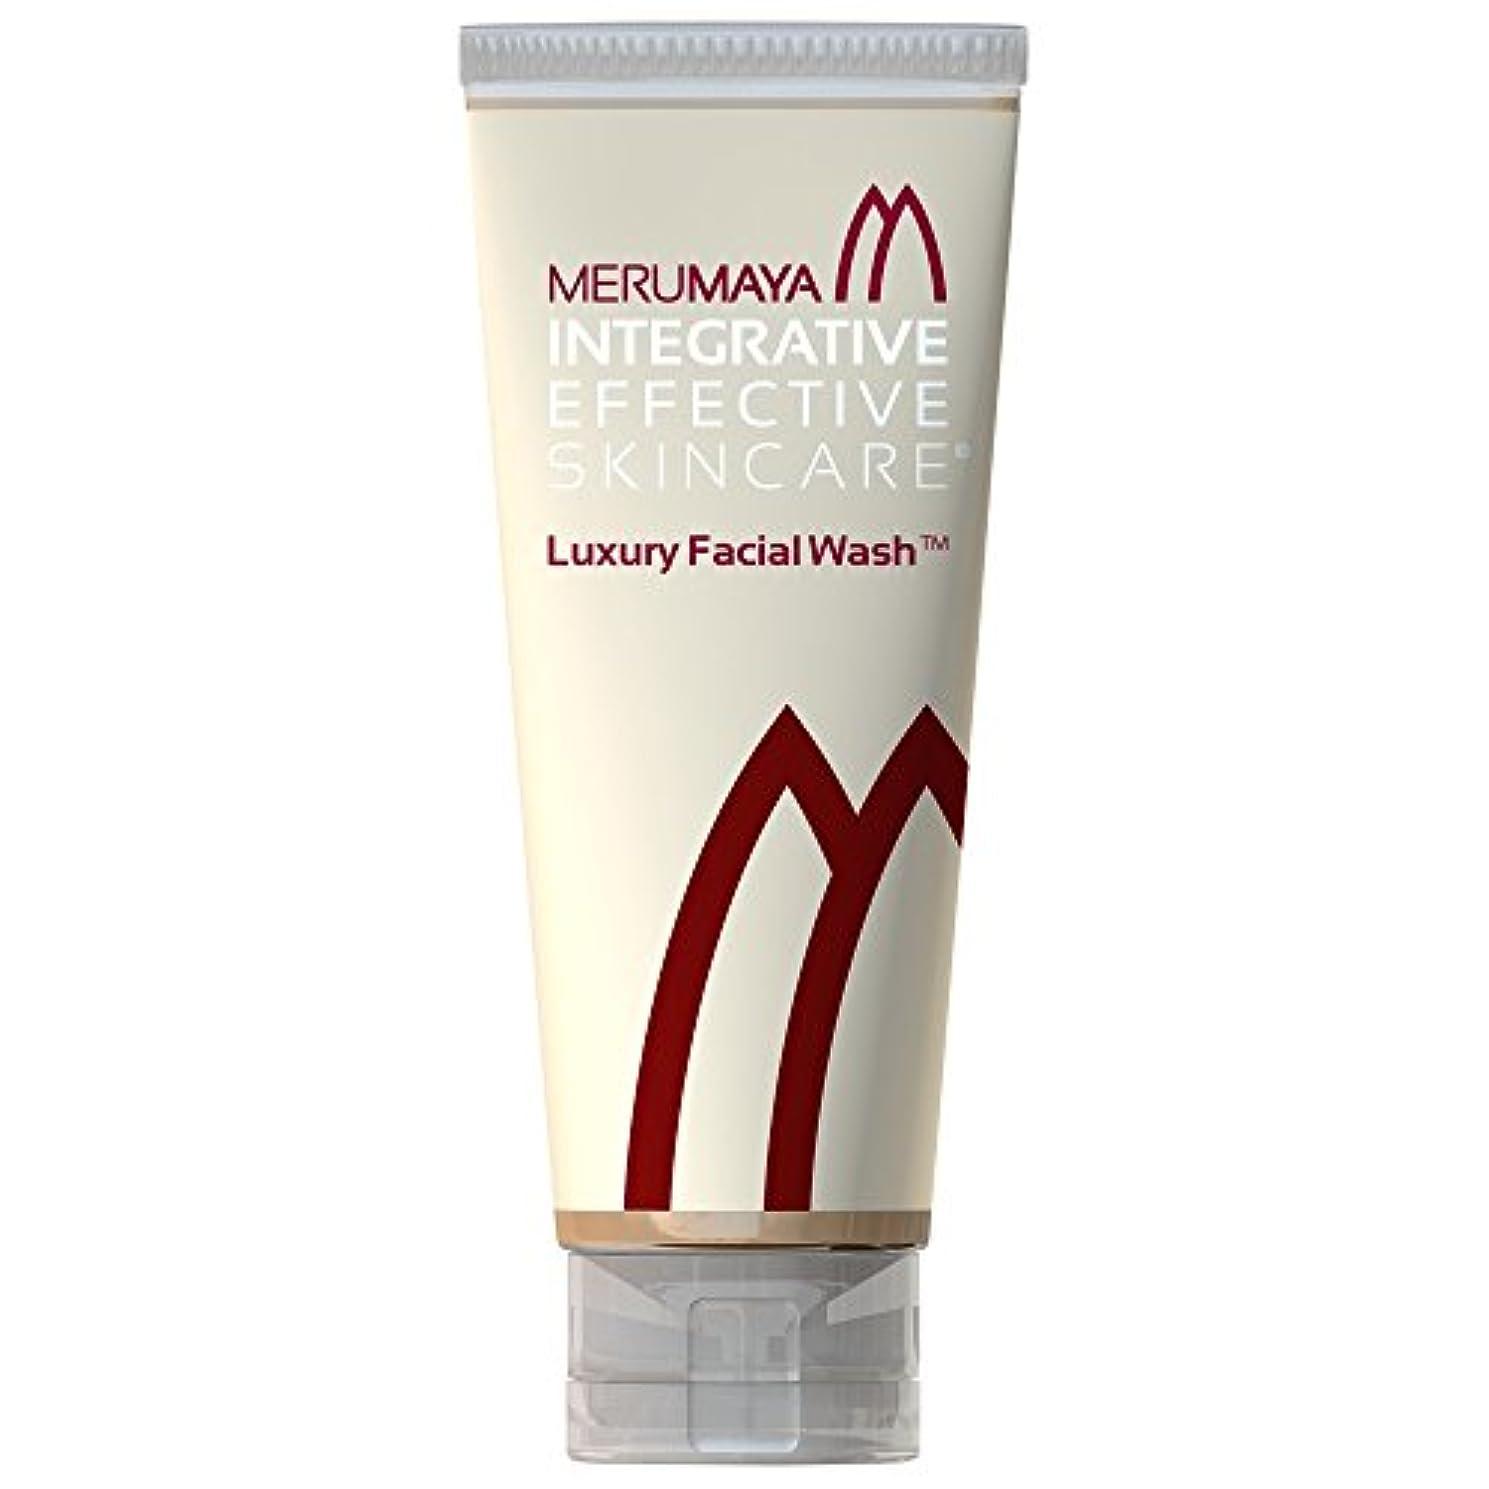 ハイブリッドヒロイックあからさまMerumaya高級洗顔?、100ミリリットル (Merumaya) (x6) - MERUMAYA Luxury Facial Wash?, 100ml (Pack of 6) [並行輸入品]